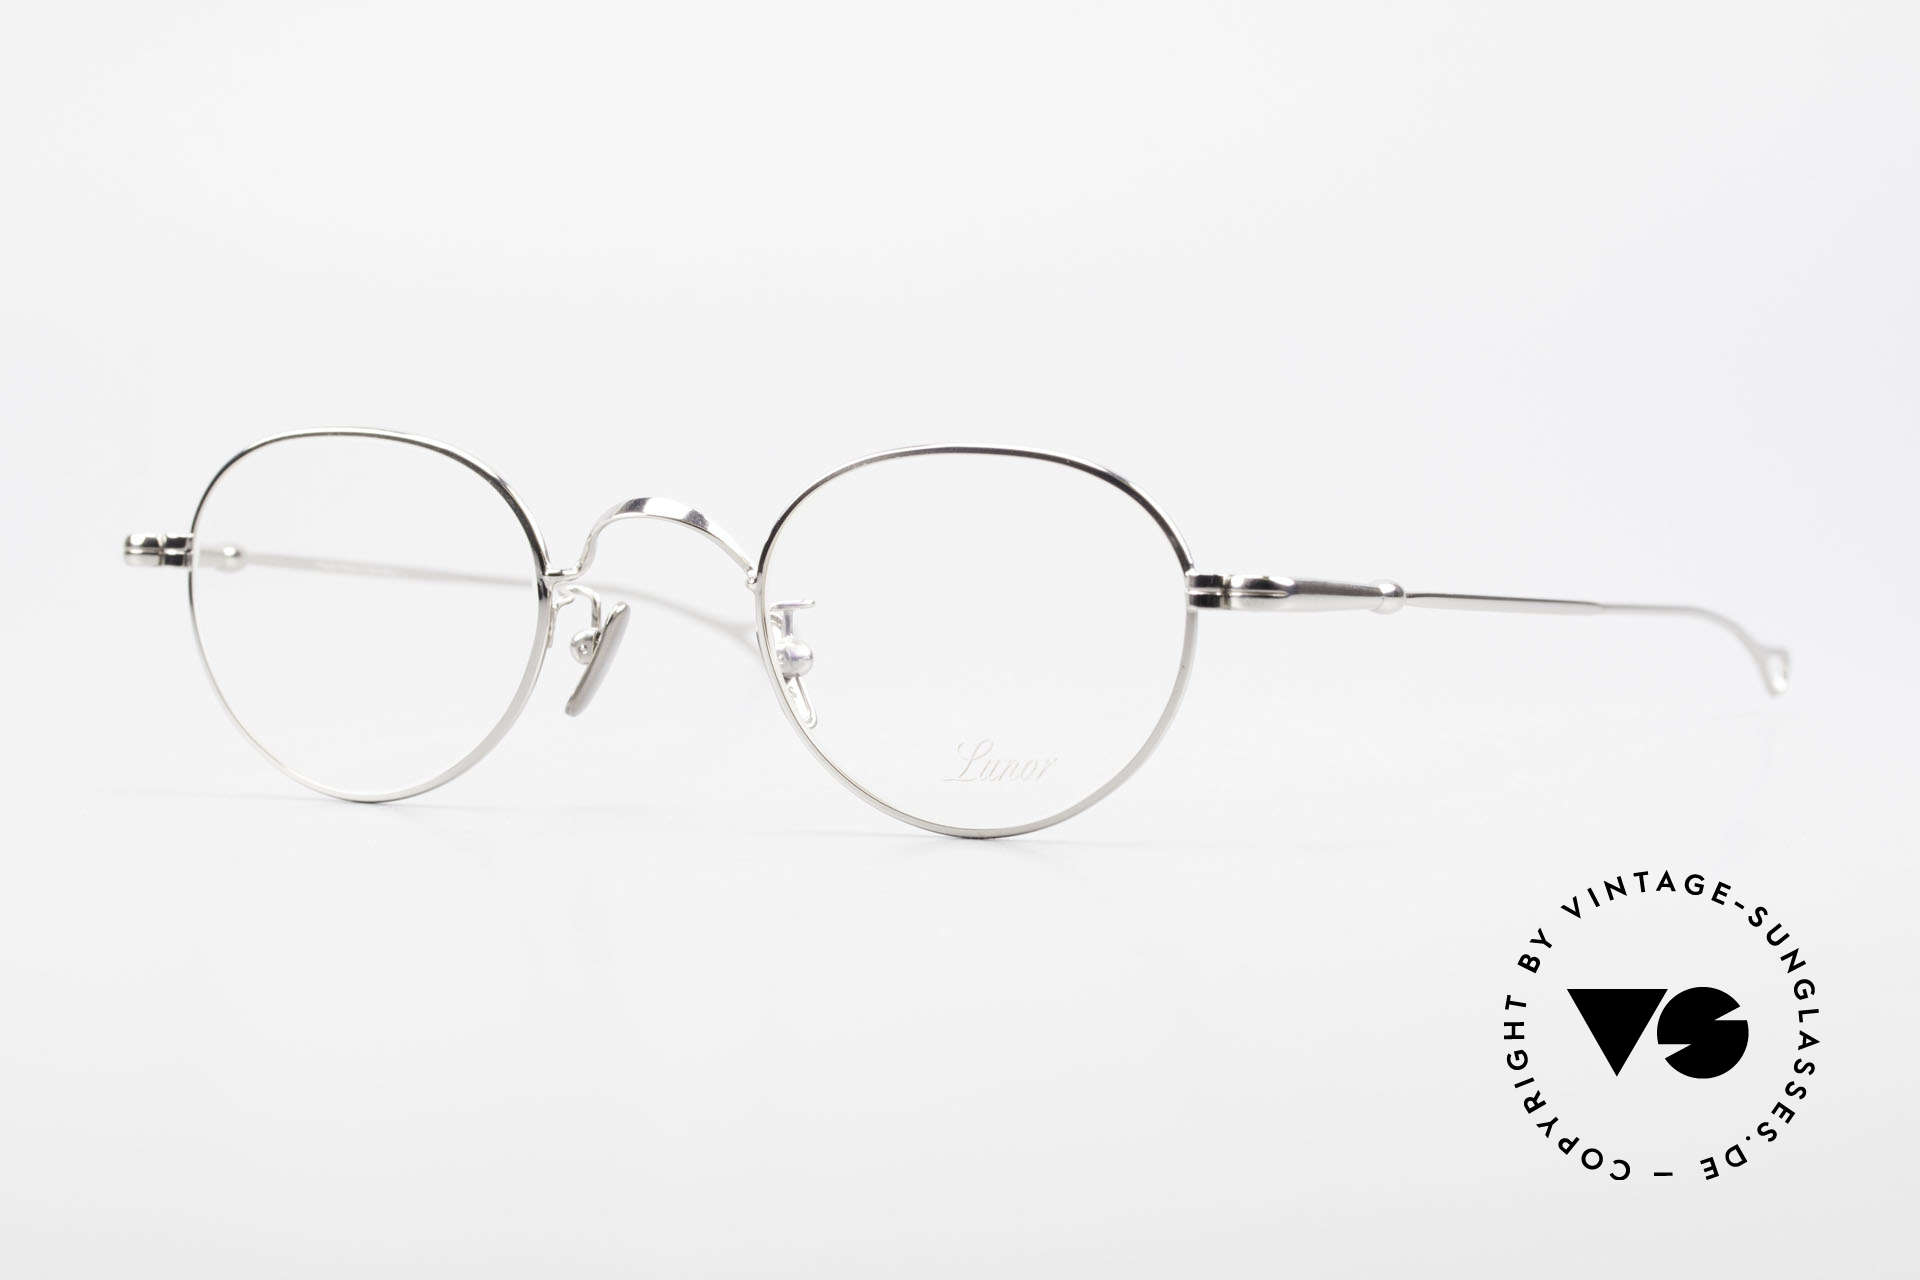 Lunor V 107 Pantobrille Herren Titanium, LUNOR = ehrliches Handwerk mit Liebe zum Detail, Passend für Herren